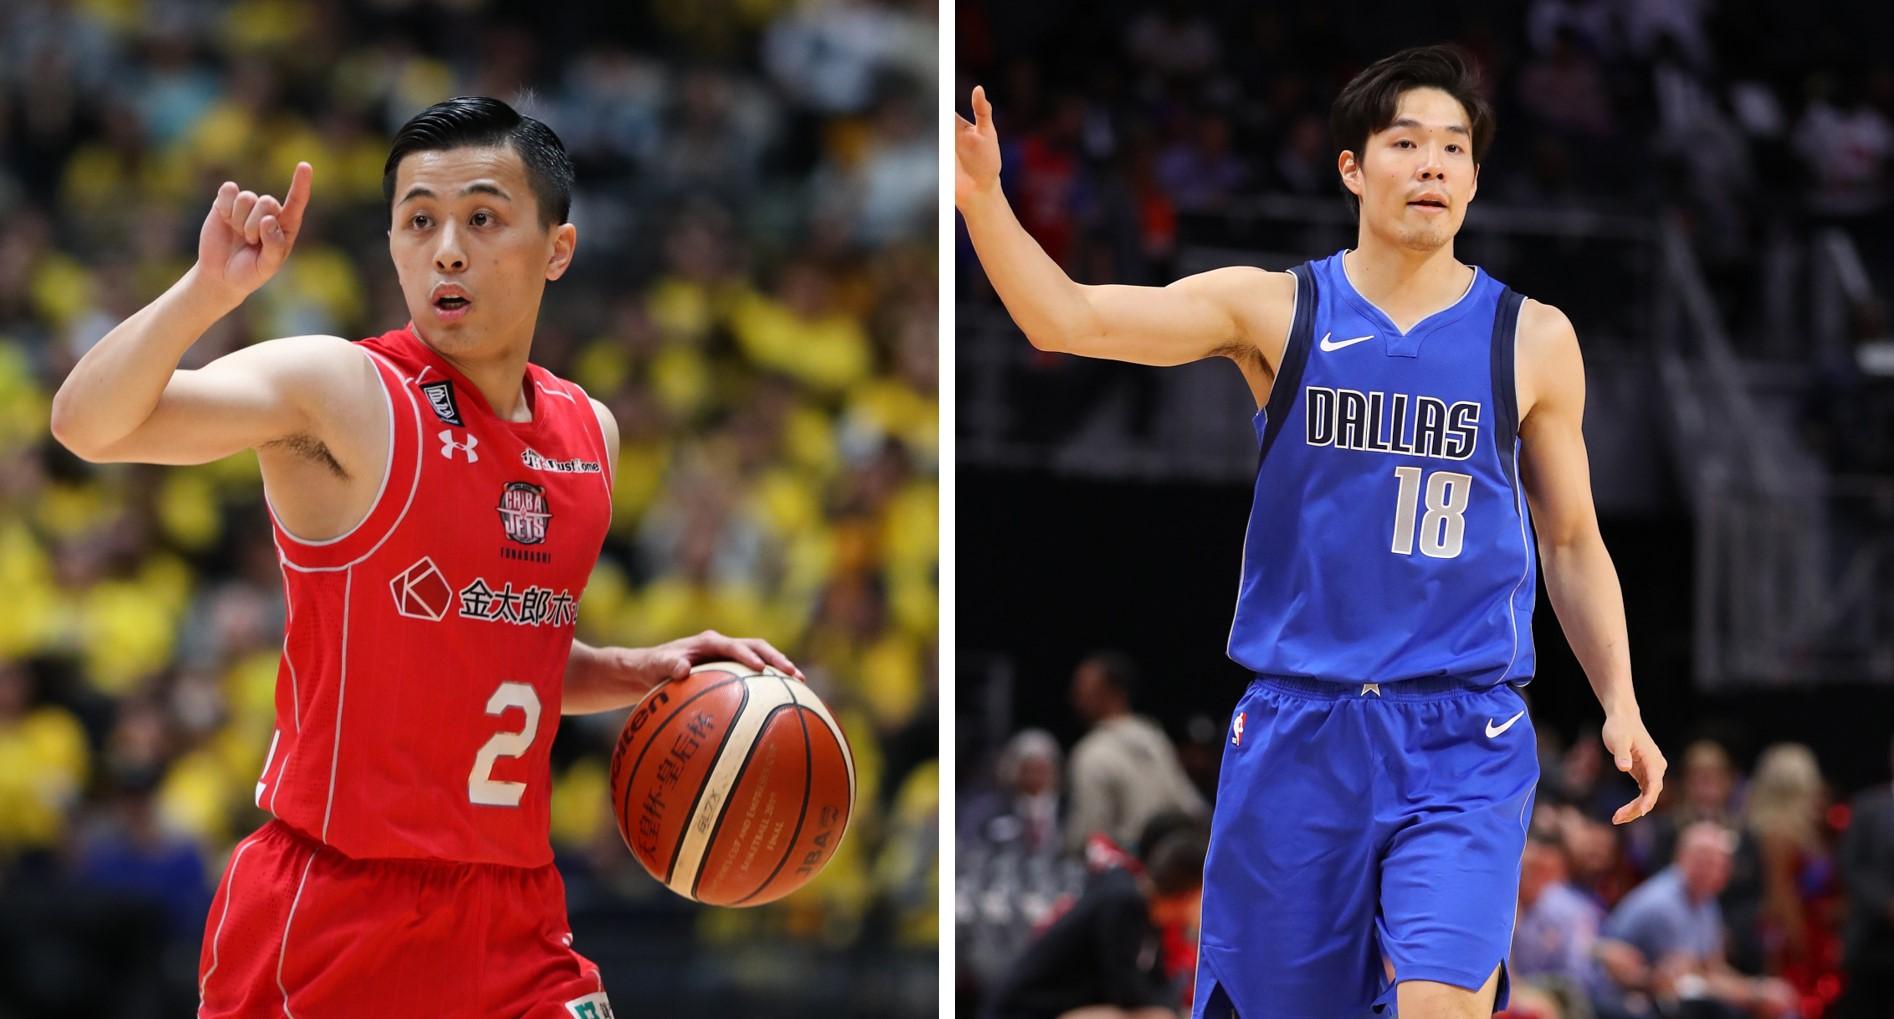 富樫勇樹と馬場雄大が『S☆1』に出演 日米バスケの今と未来を語る 画像